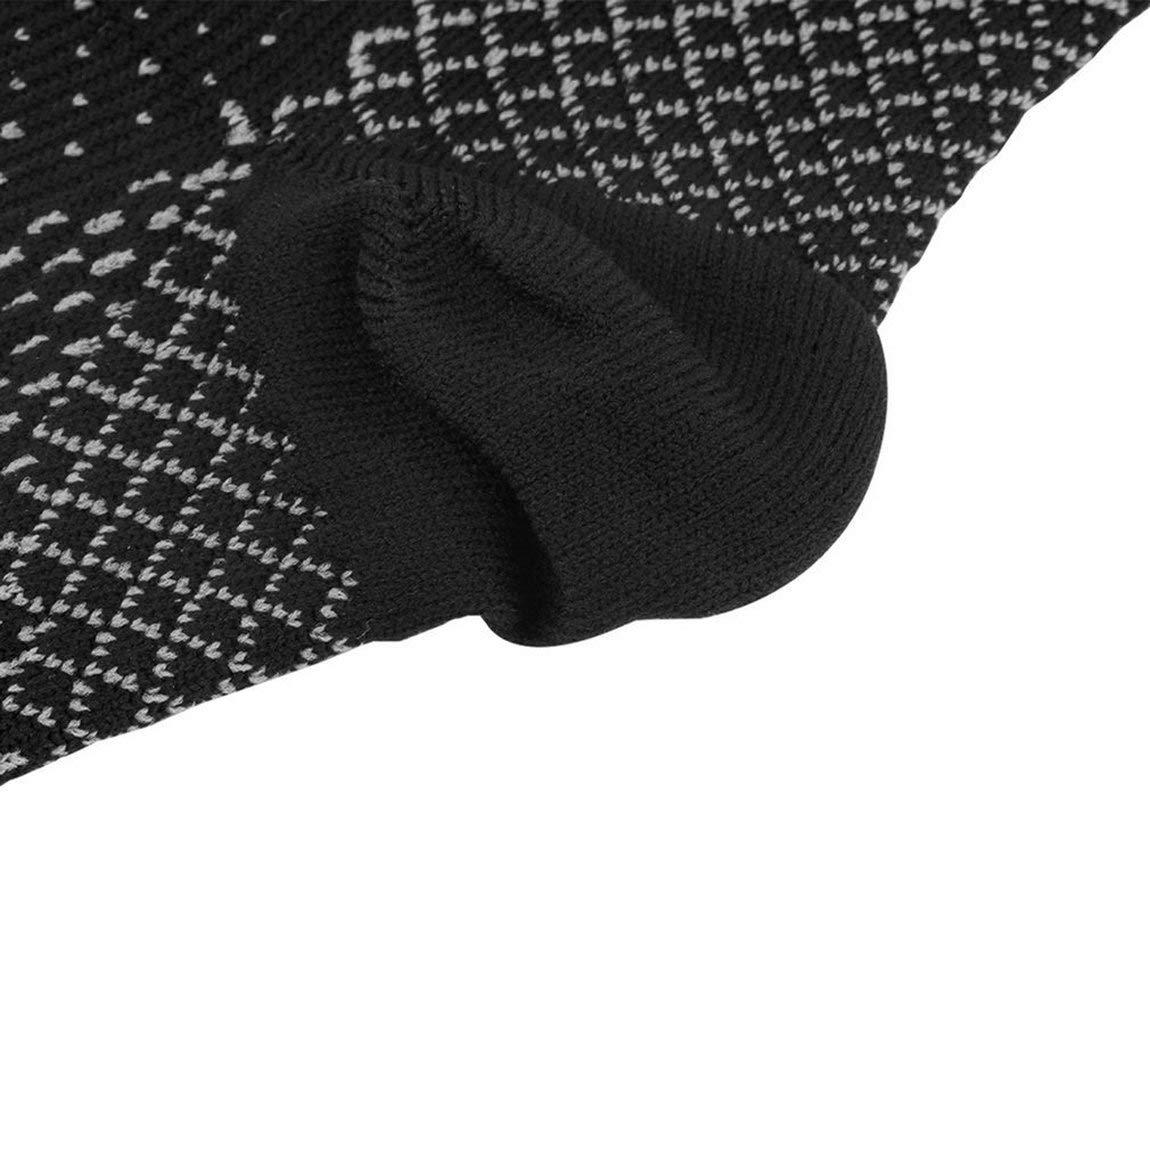 Nero 73JohnPol Piedi Professionali Tacco Calzino Compressione Calzino Anti affaticamento Piedi varicosi Manica Uomo Donna Running Calzino Basket